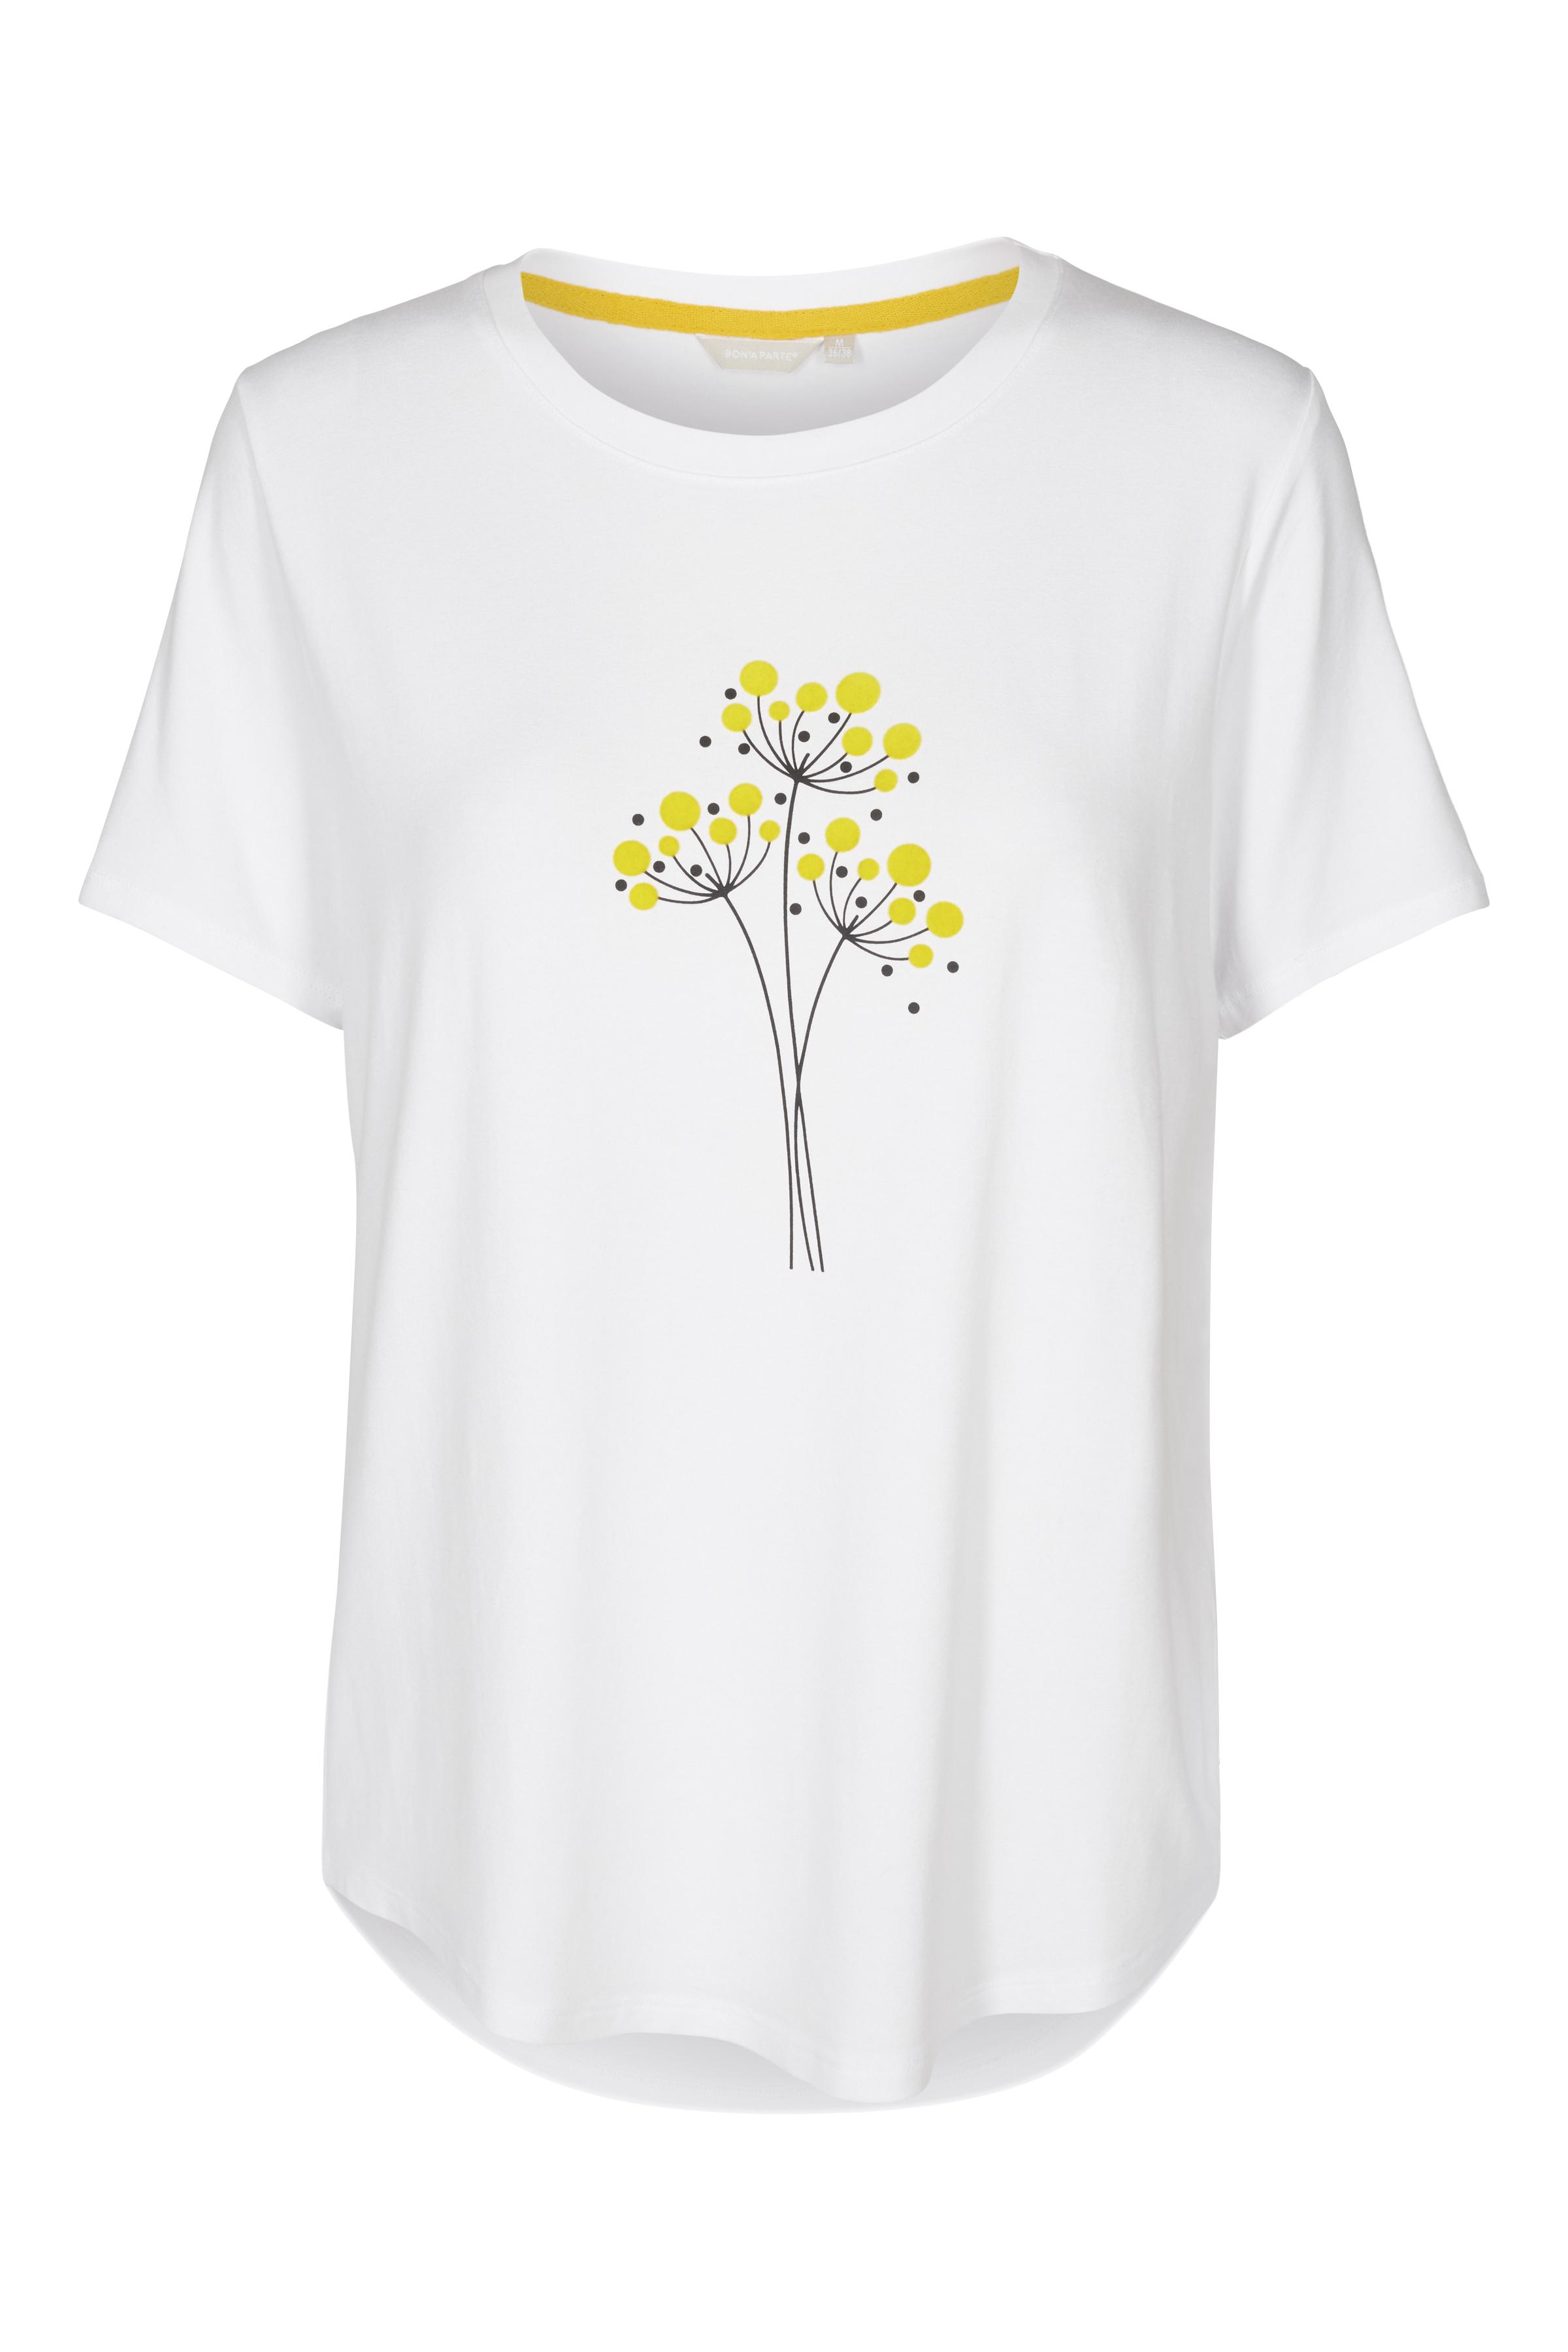 Hvid Kortærmet T-shirt fra Bon'A Parte – Køb Hvid Kortærmet T-shirt fra str. S-2XL her